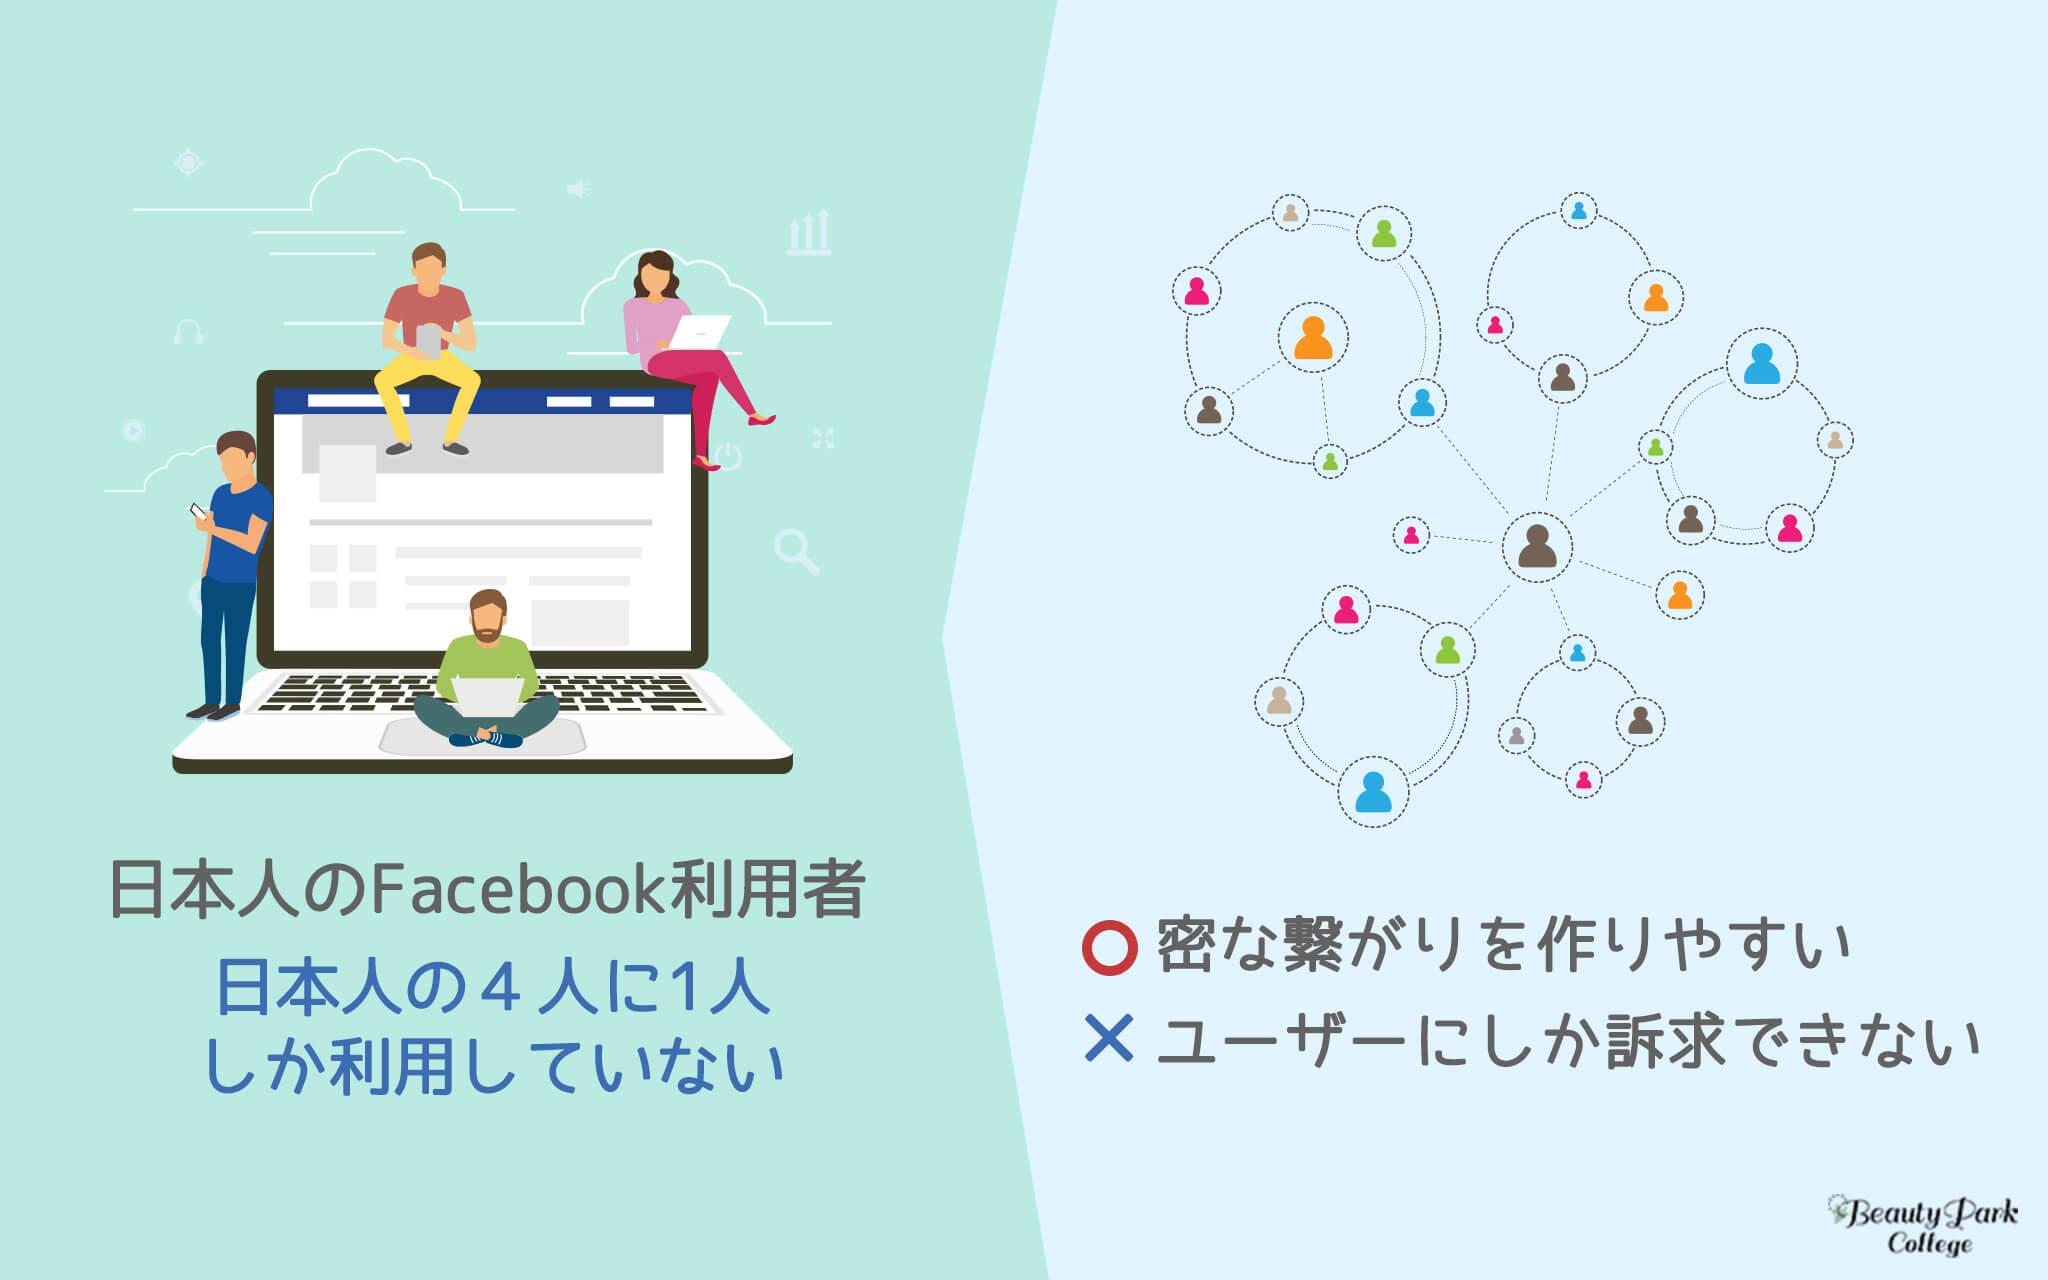 日本人のFacebook利用者は4人に1人、密なつながりを作りやすいが、ユーザーにしか訴求できない。